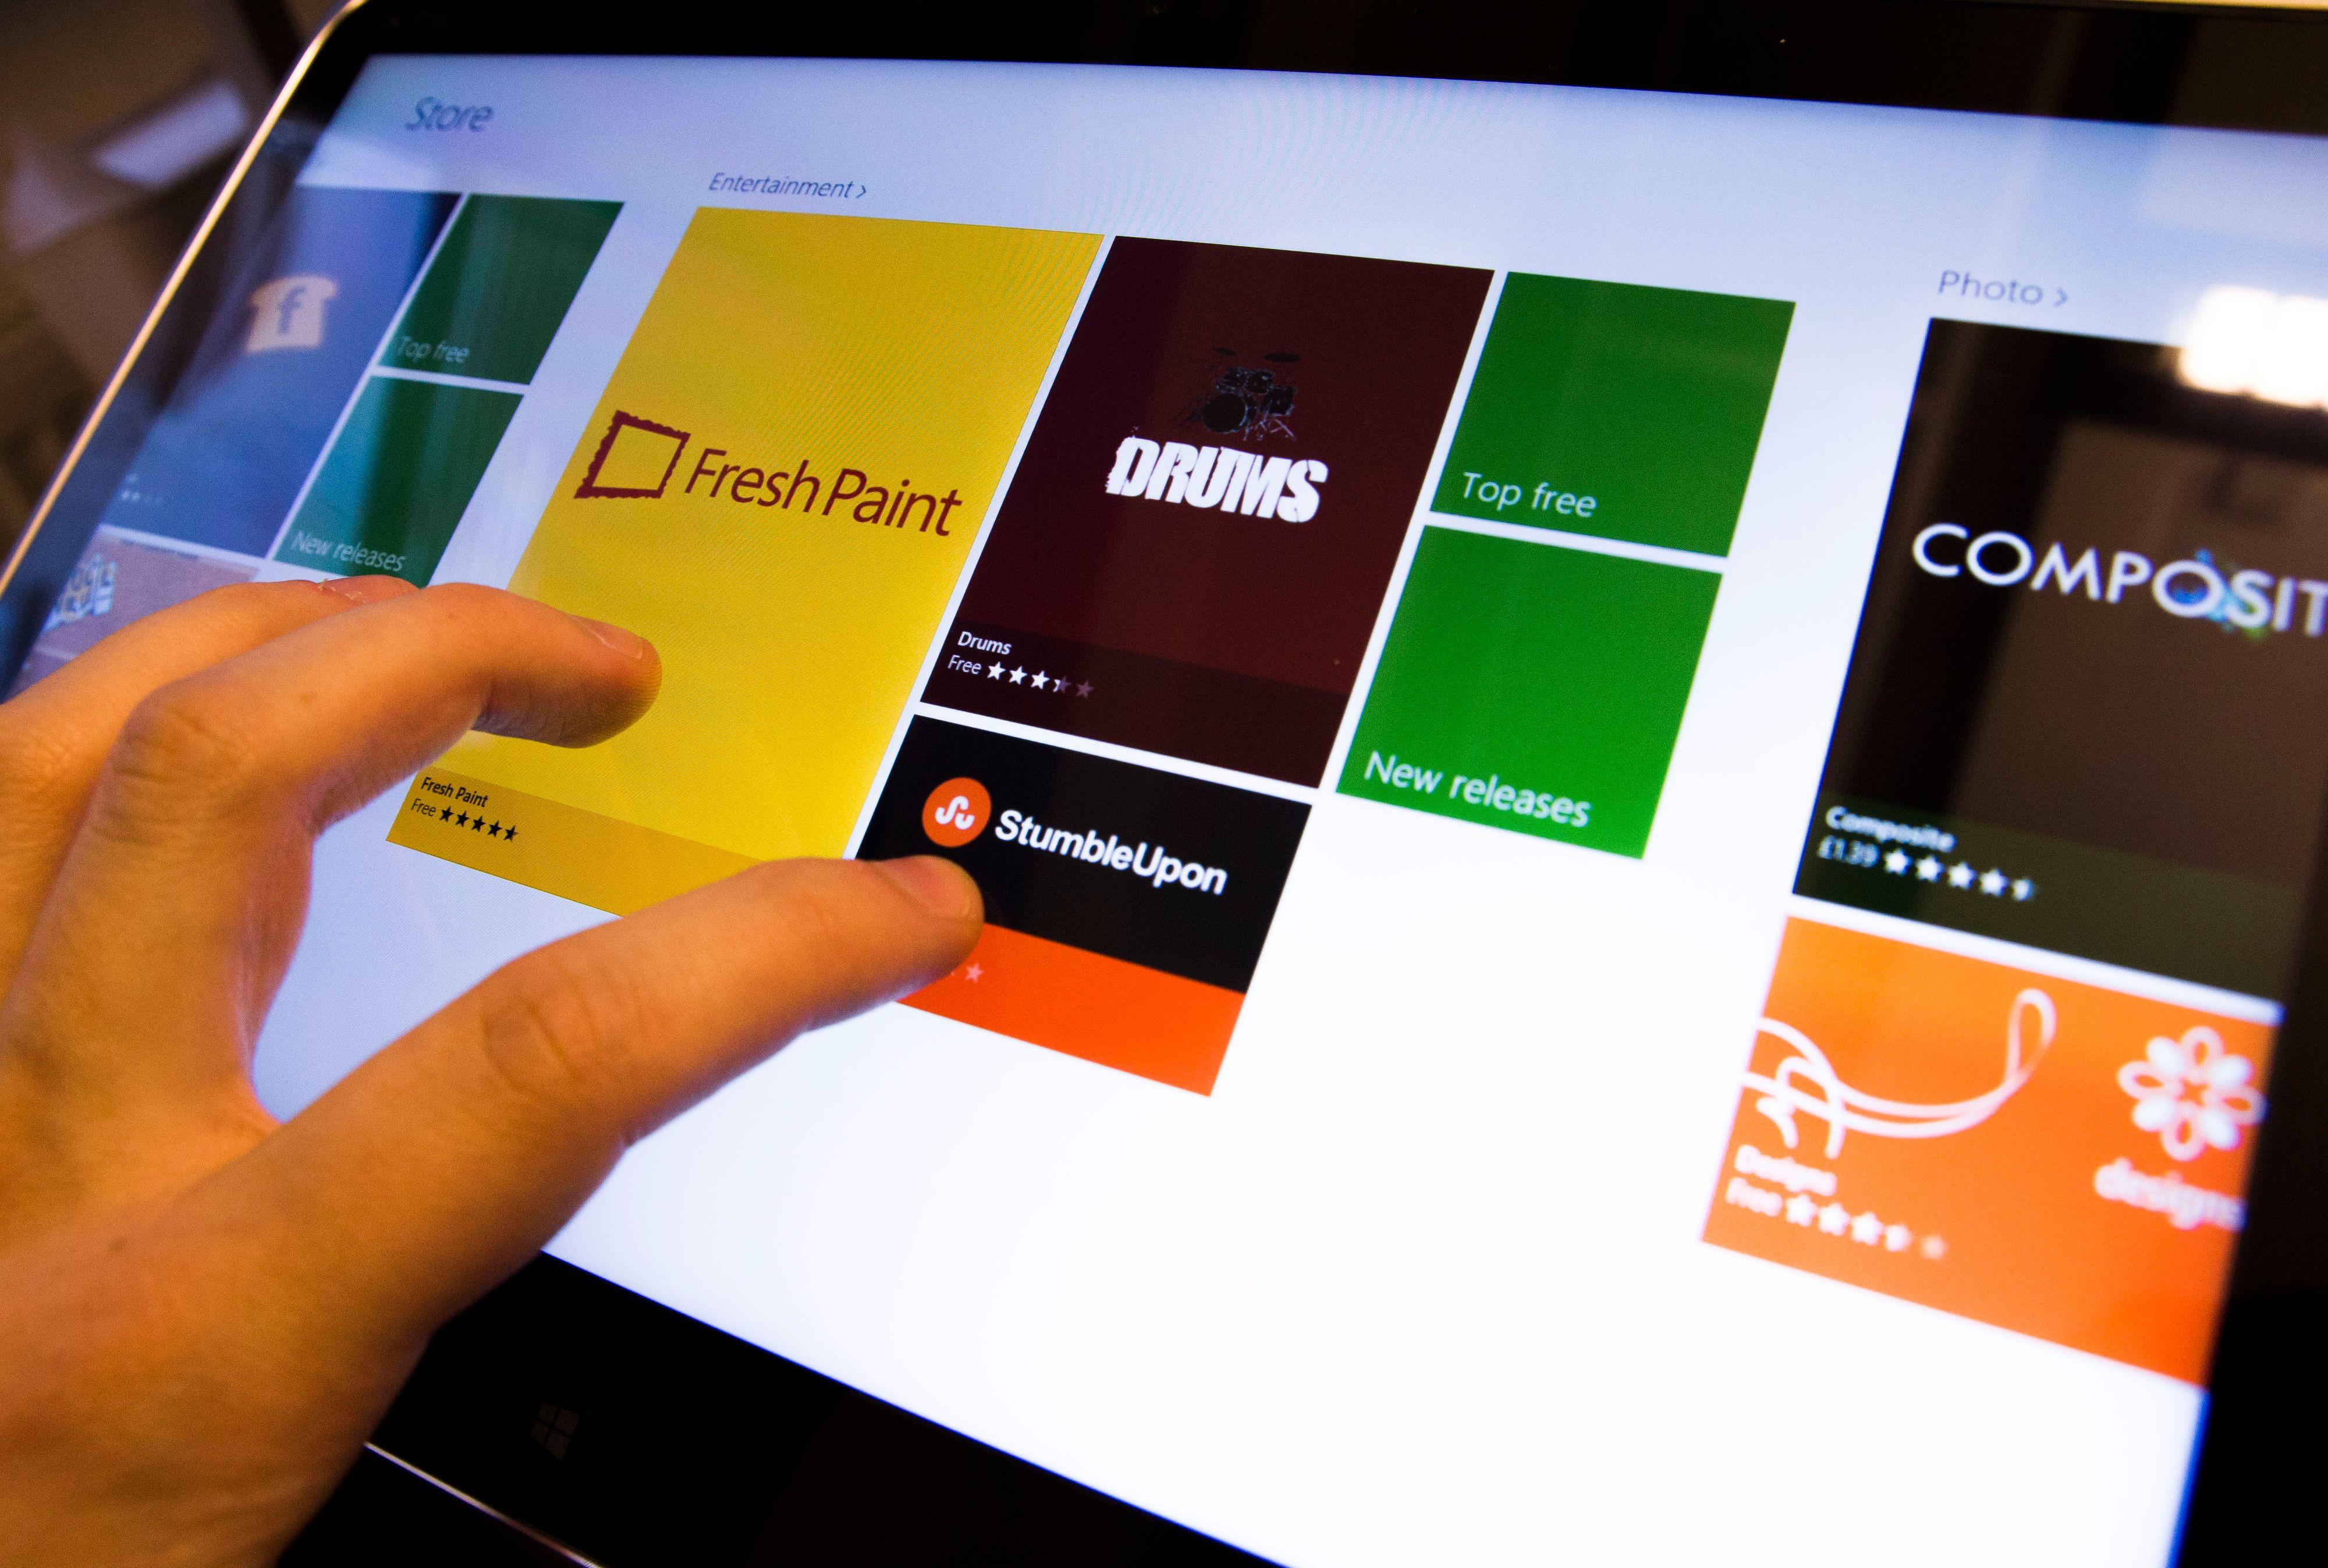 Applikasjonsbutikken er oversiktlig og lett å navigere seg rundt i, spesielt hvis du bruker fingeren.Foto: Hardware.no